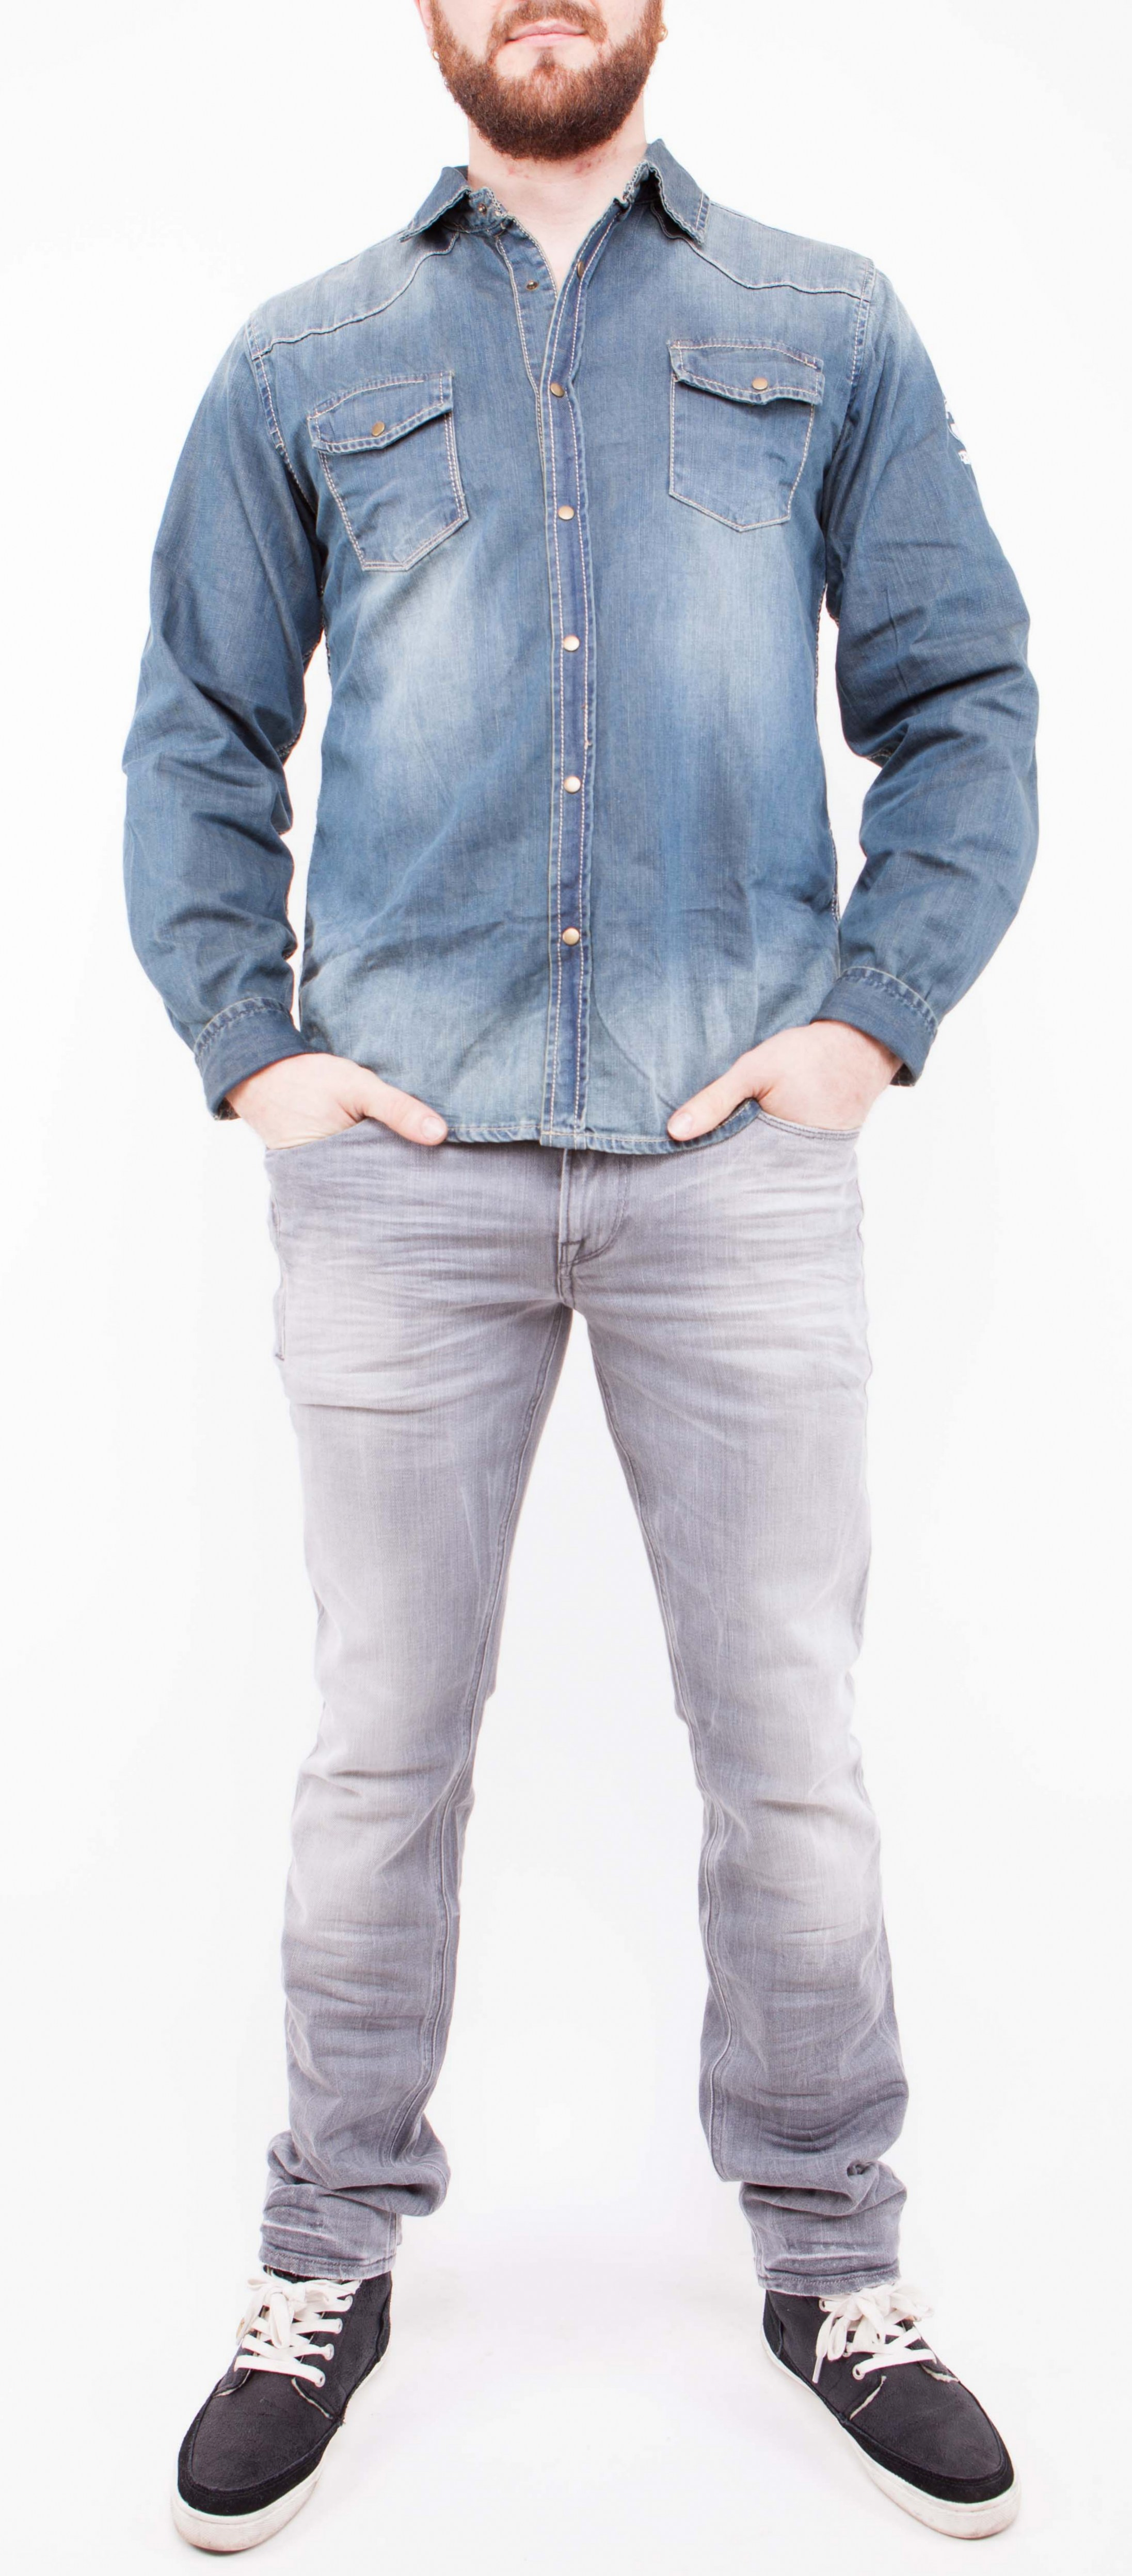 Chemise Jean Longue à chemise jeans - homme - mk bnce - fashion - tendance - qualité